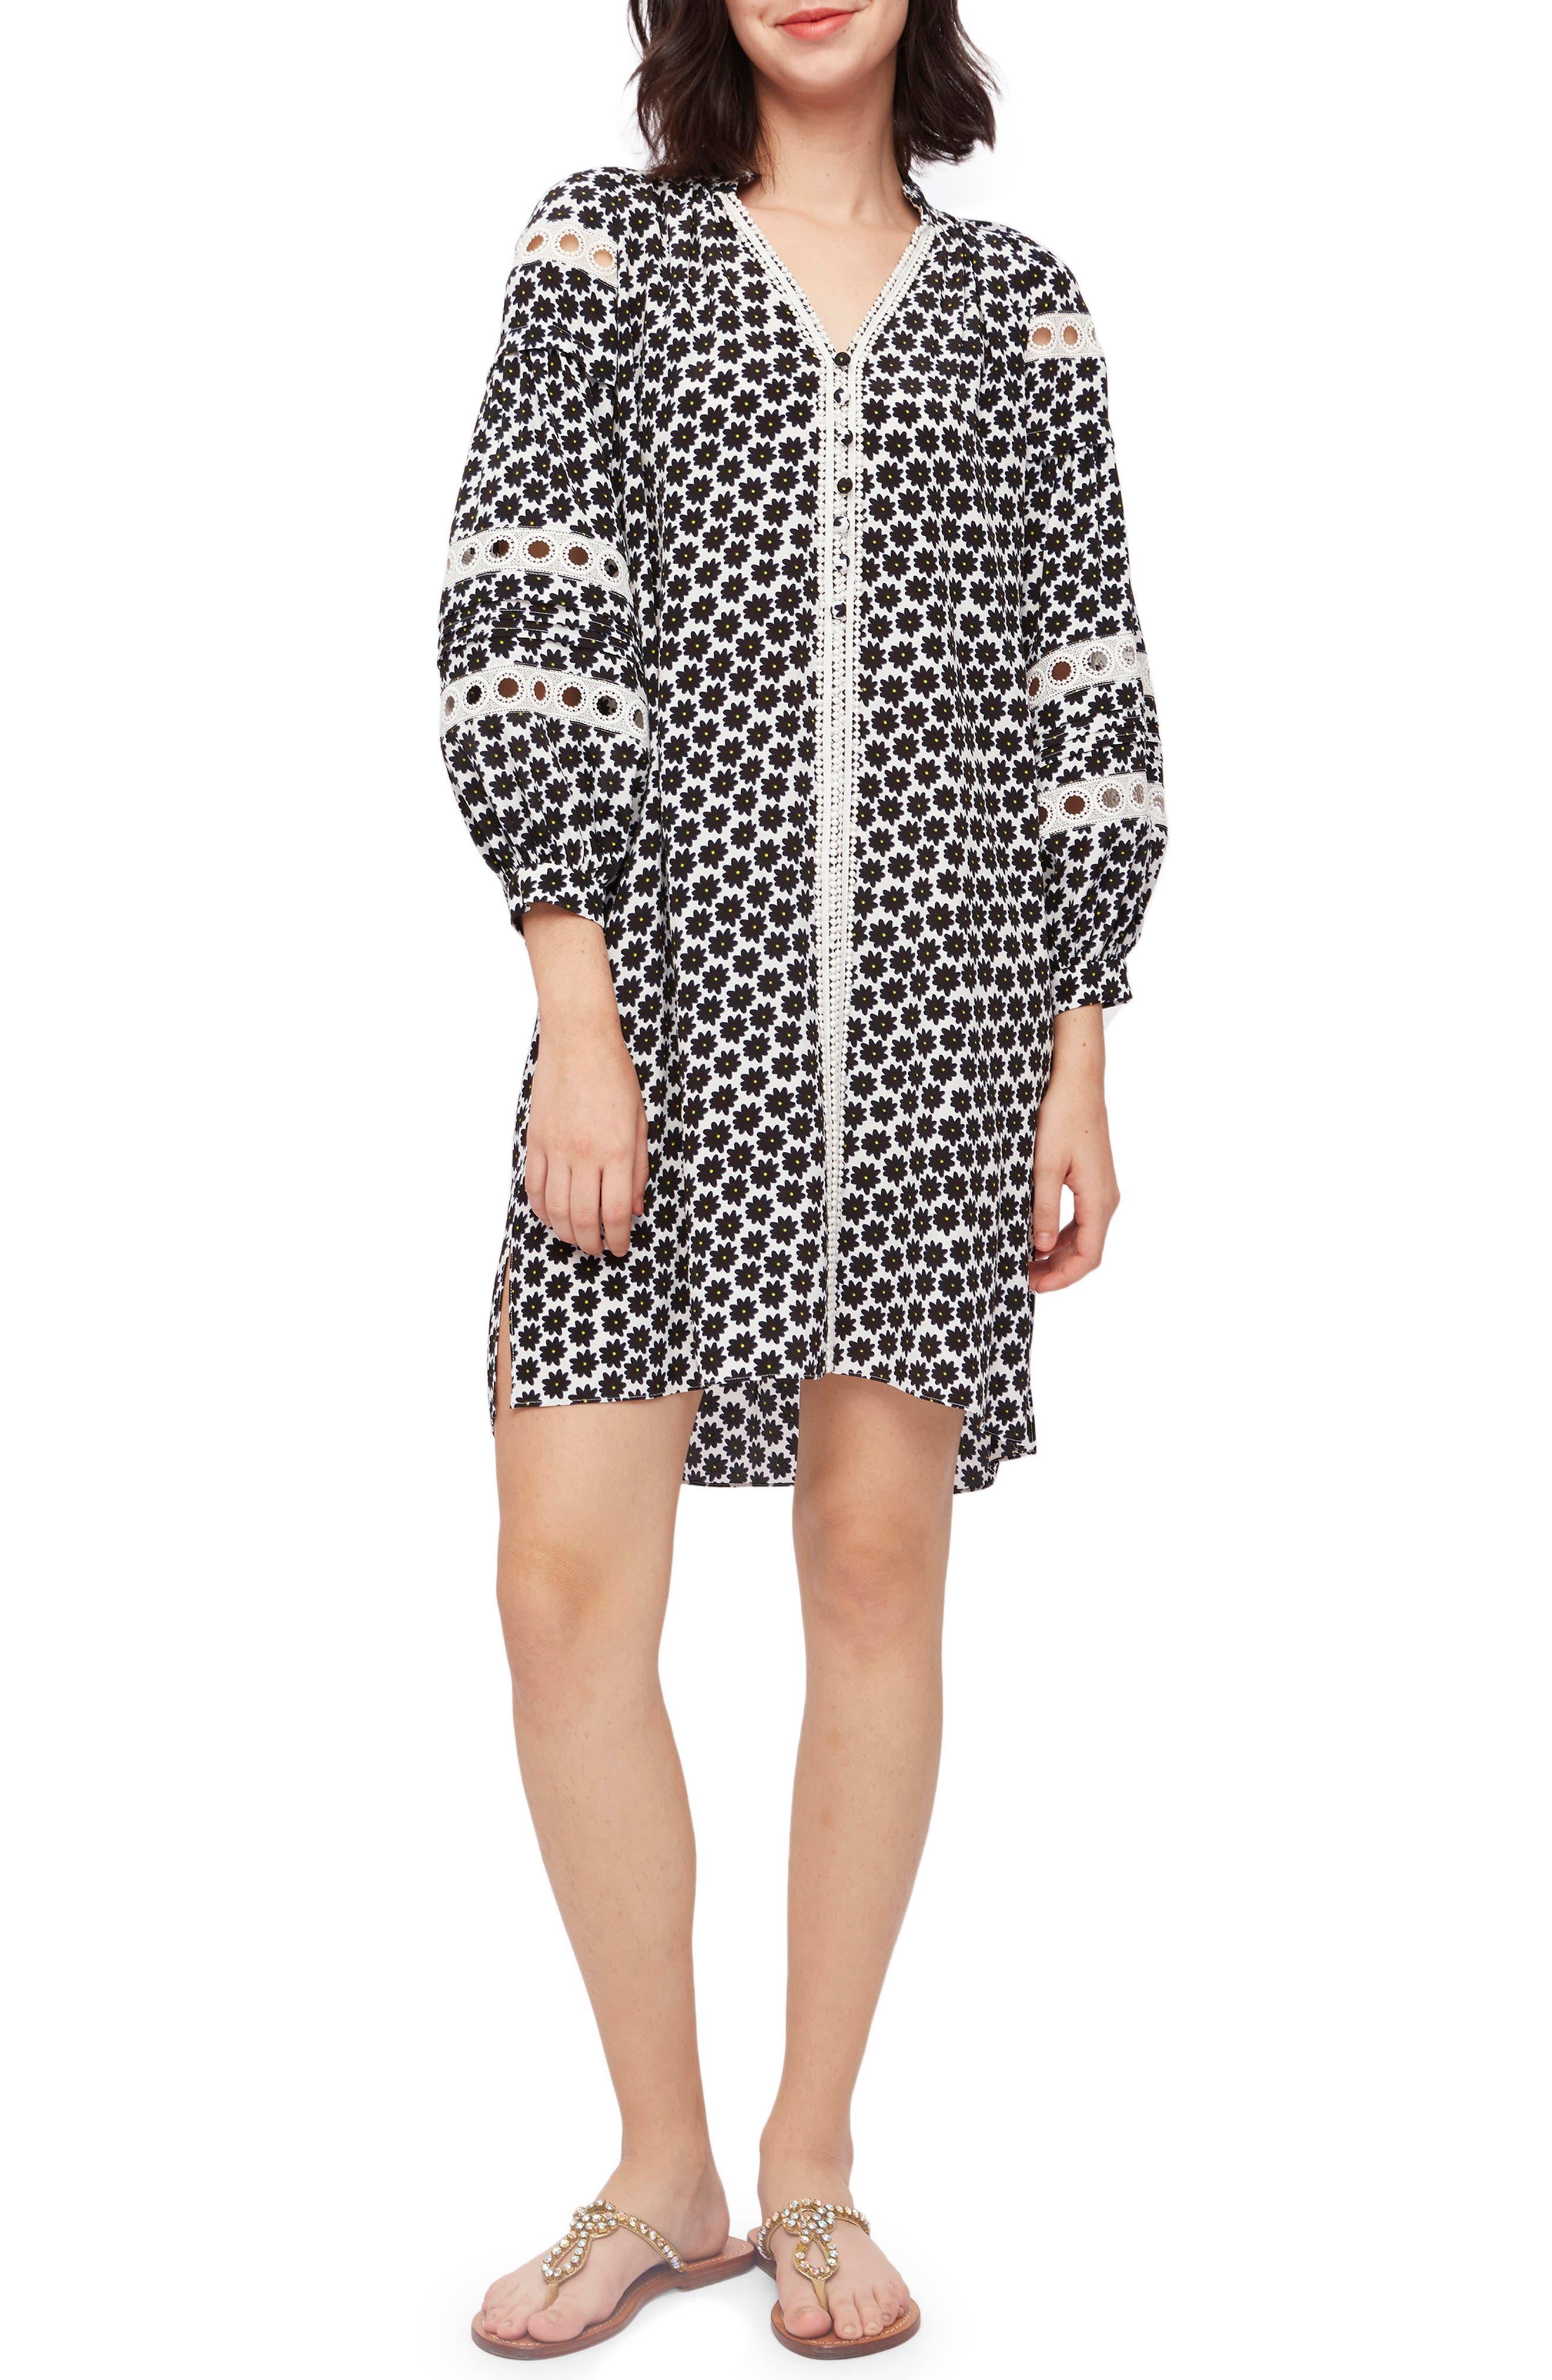 Jessica Daisy Dots Shift Dress